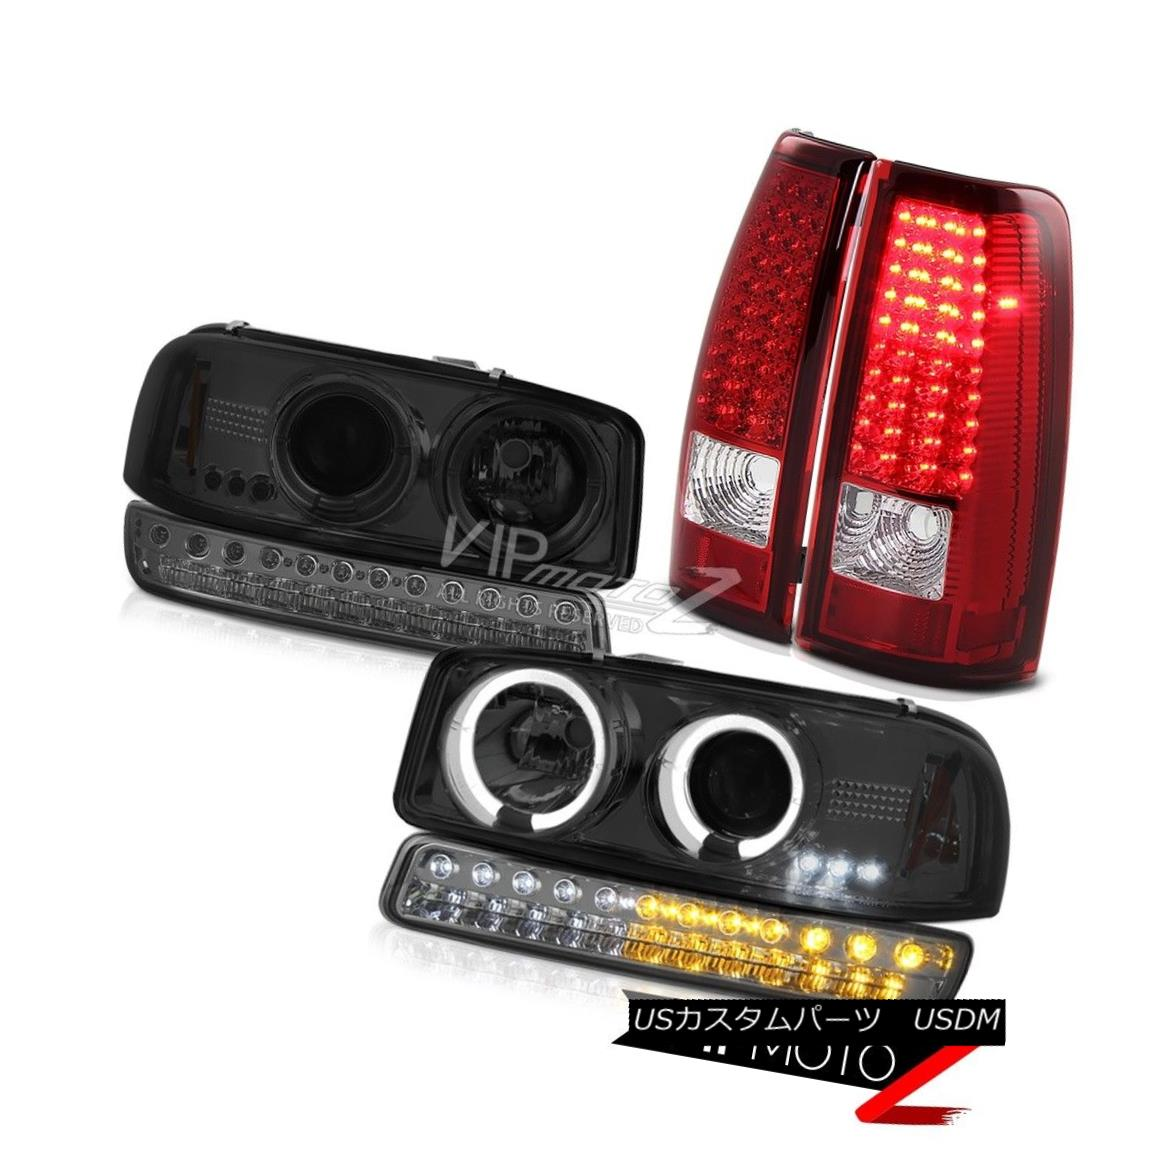 テールライト 99-06 Sierra SL SMD Tail Lamps Smokey Parking Light Headlamps LED